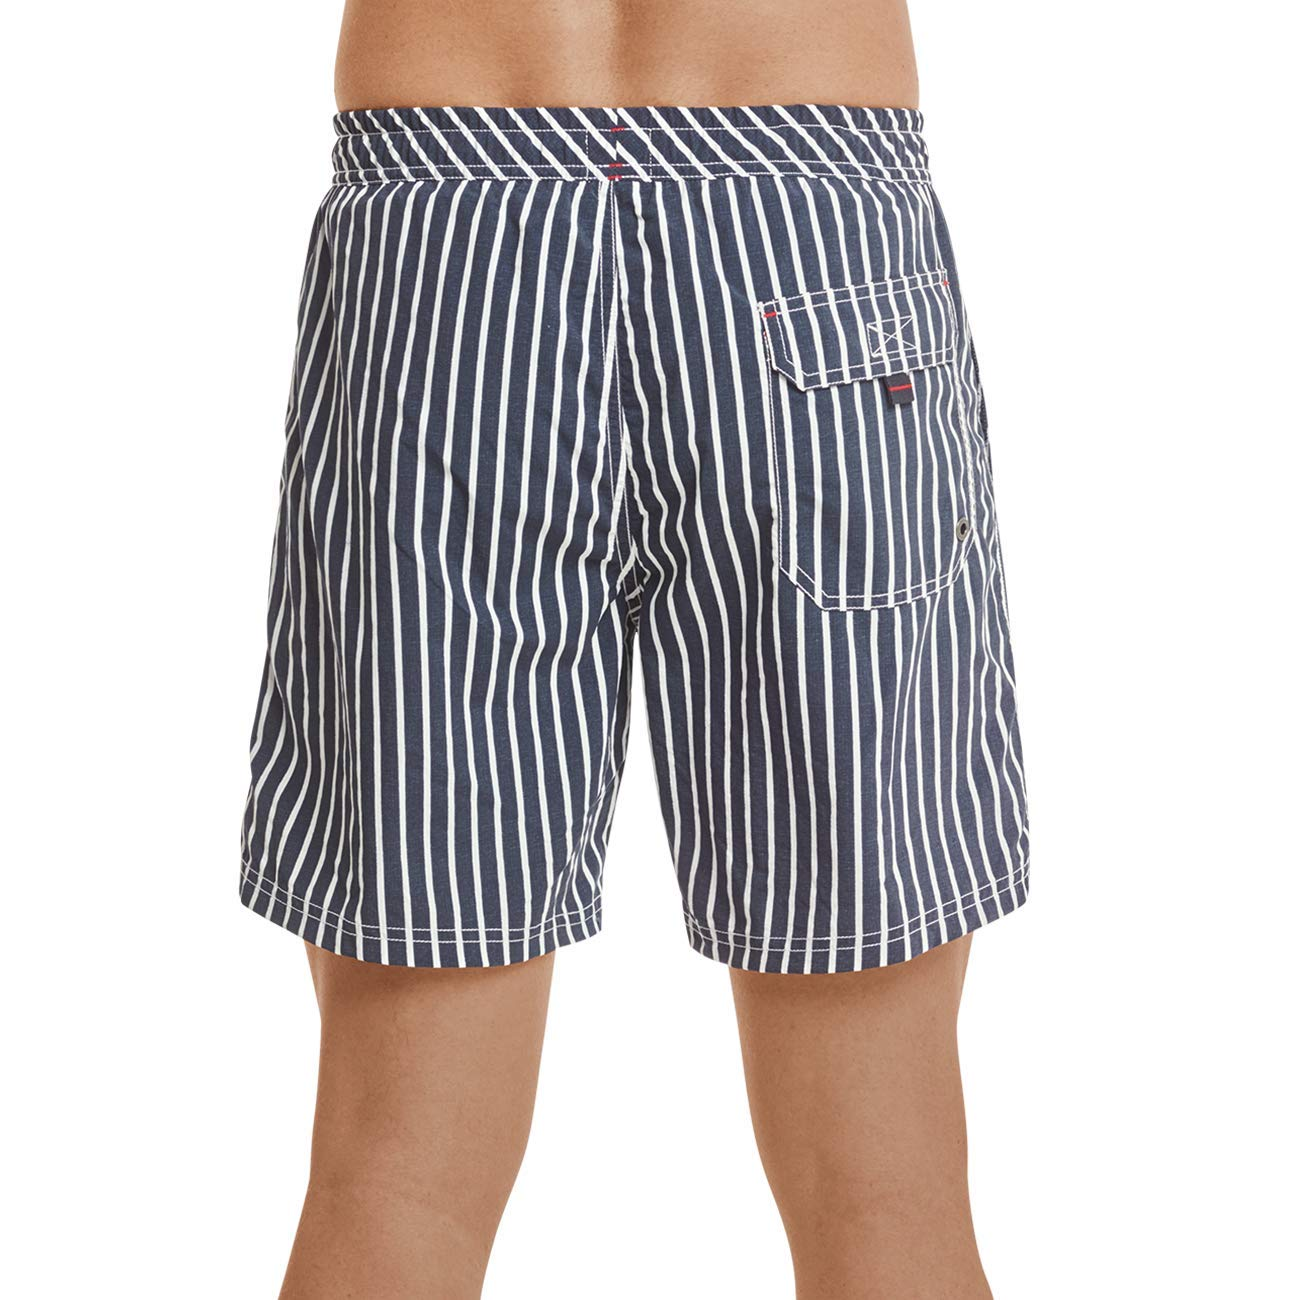 Marc O'Polo O'Polo O'Polo M-Beach MID-Length Shorts 161133 B079WP34FH Badeshorts Moderne und elegante Mode 85a8df